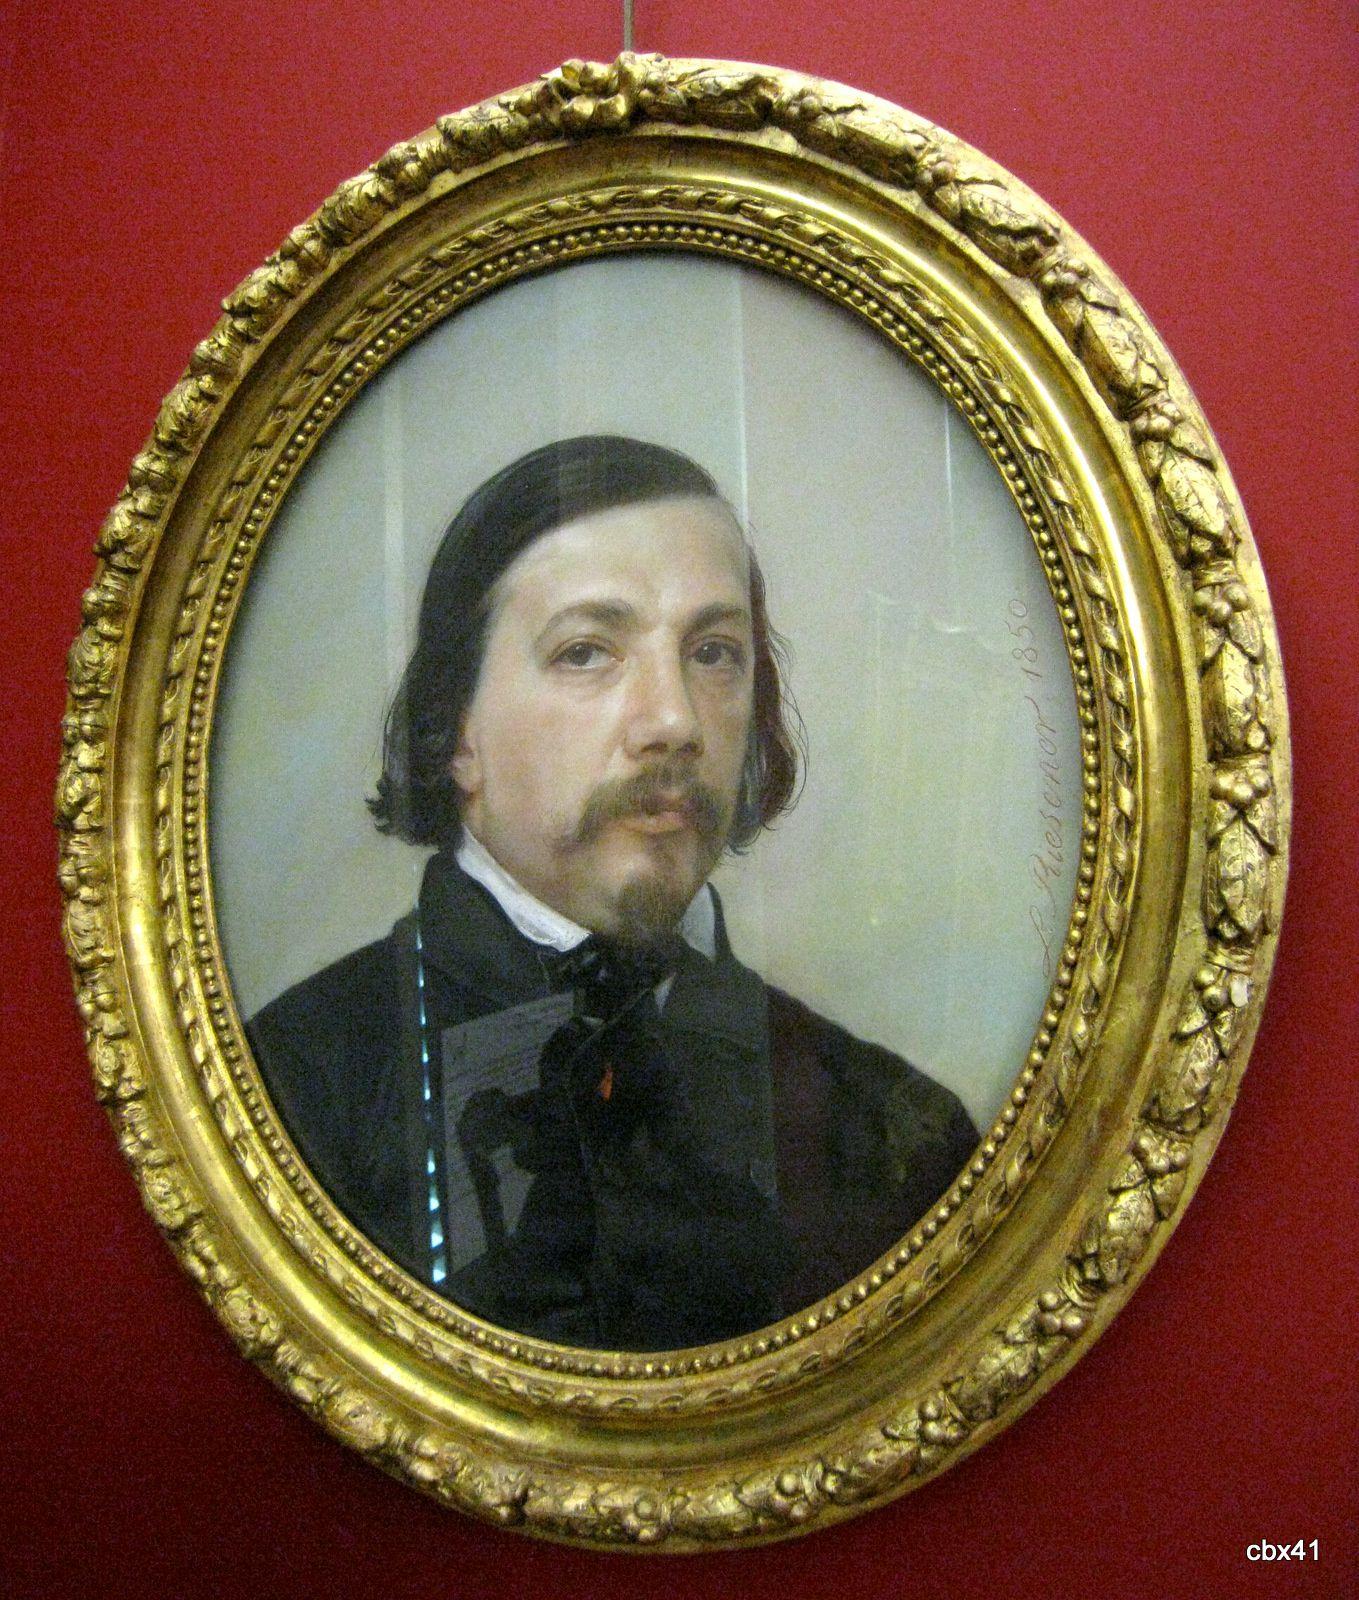 Riesener, Portrait de Théophile Gautier